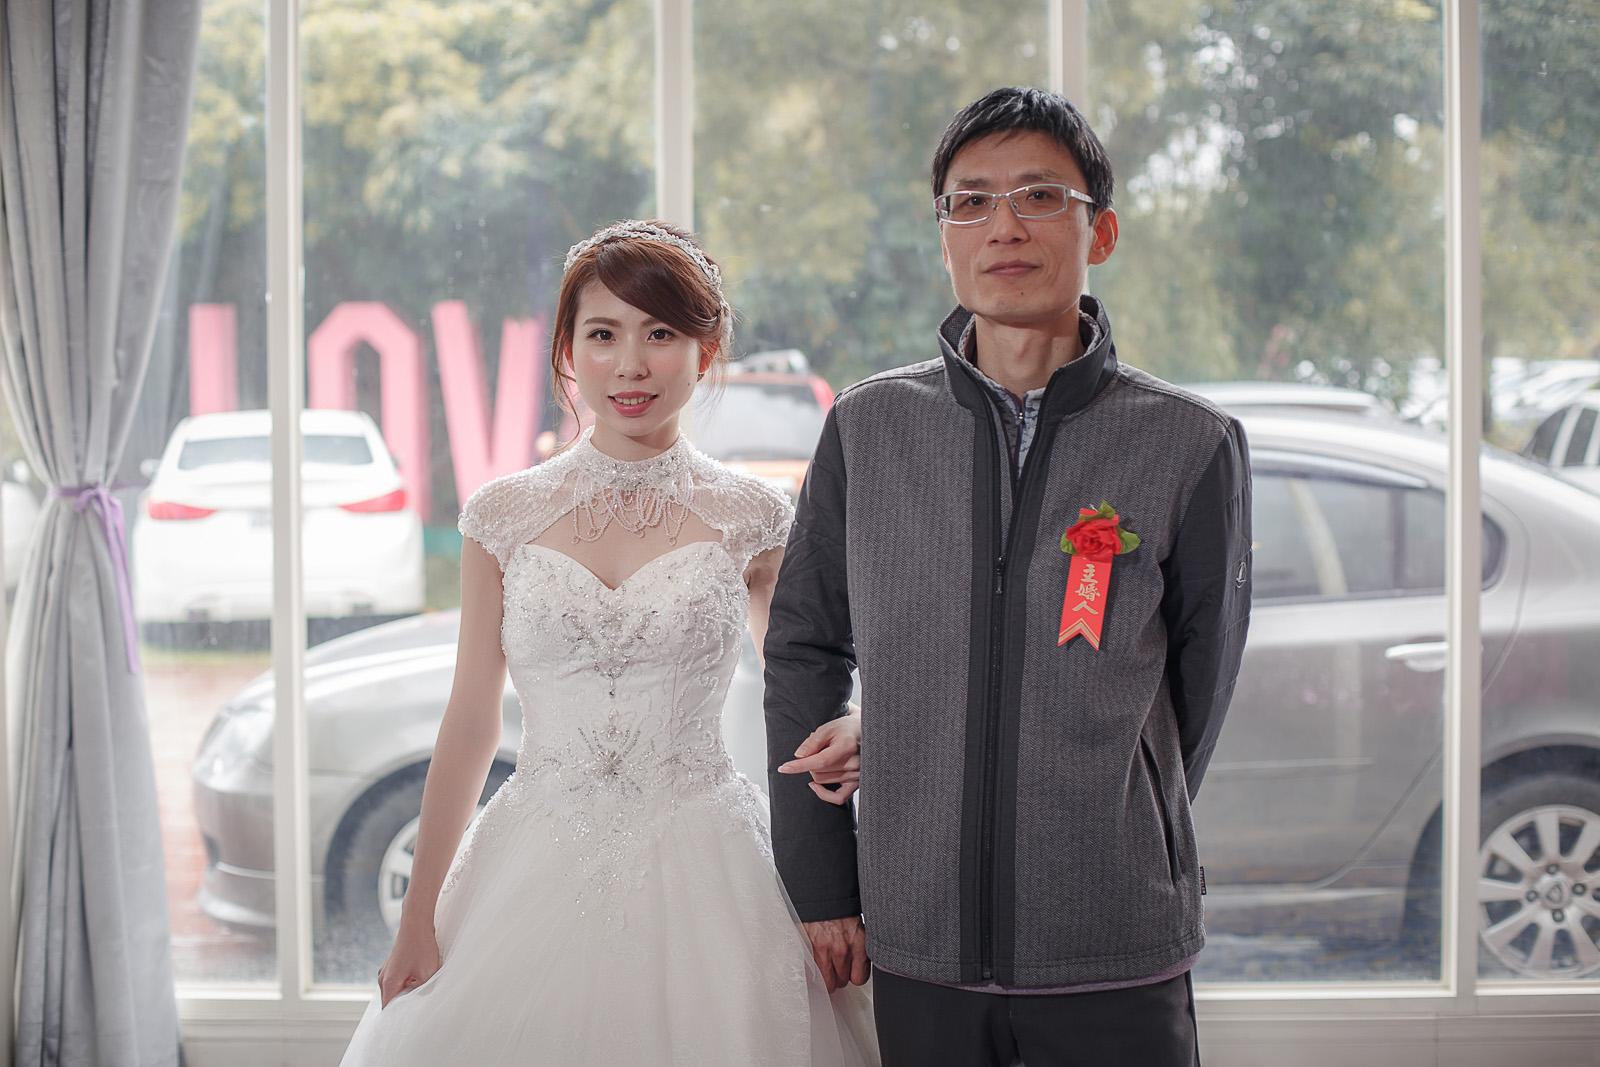 高雄圓山飯店,婚禮攝影,婚攝,高雄婚攝,優質婚攝推薦,Jen&Ethan-233